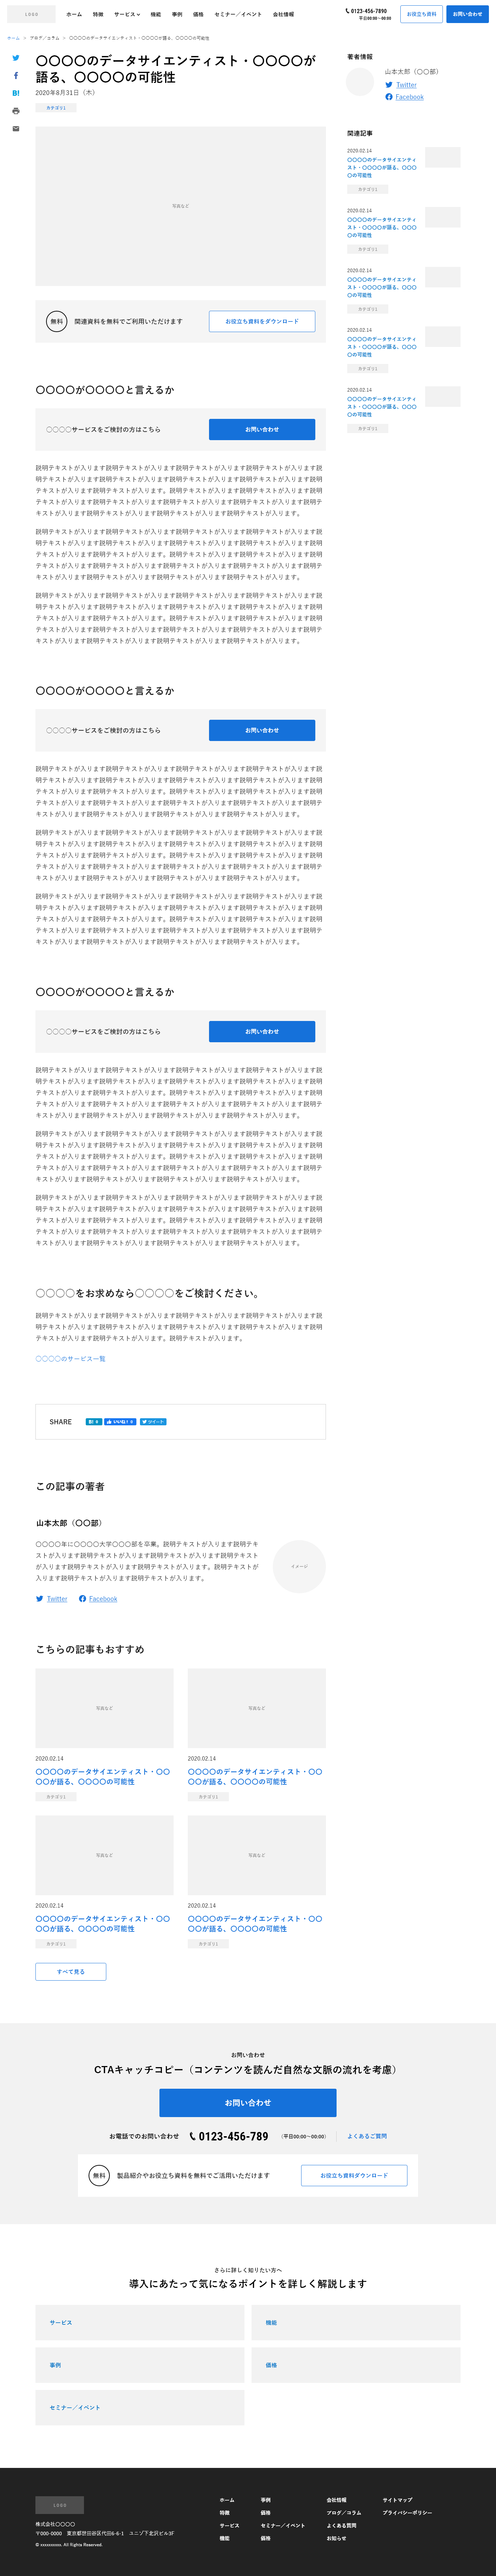 ブログ/コラム(詳細)